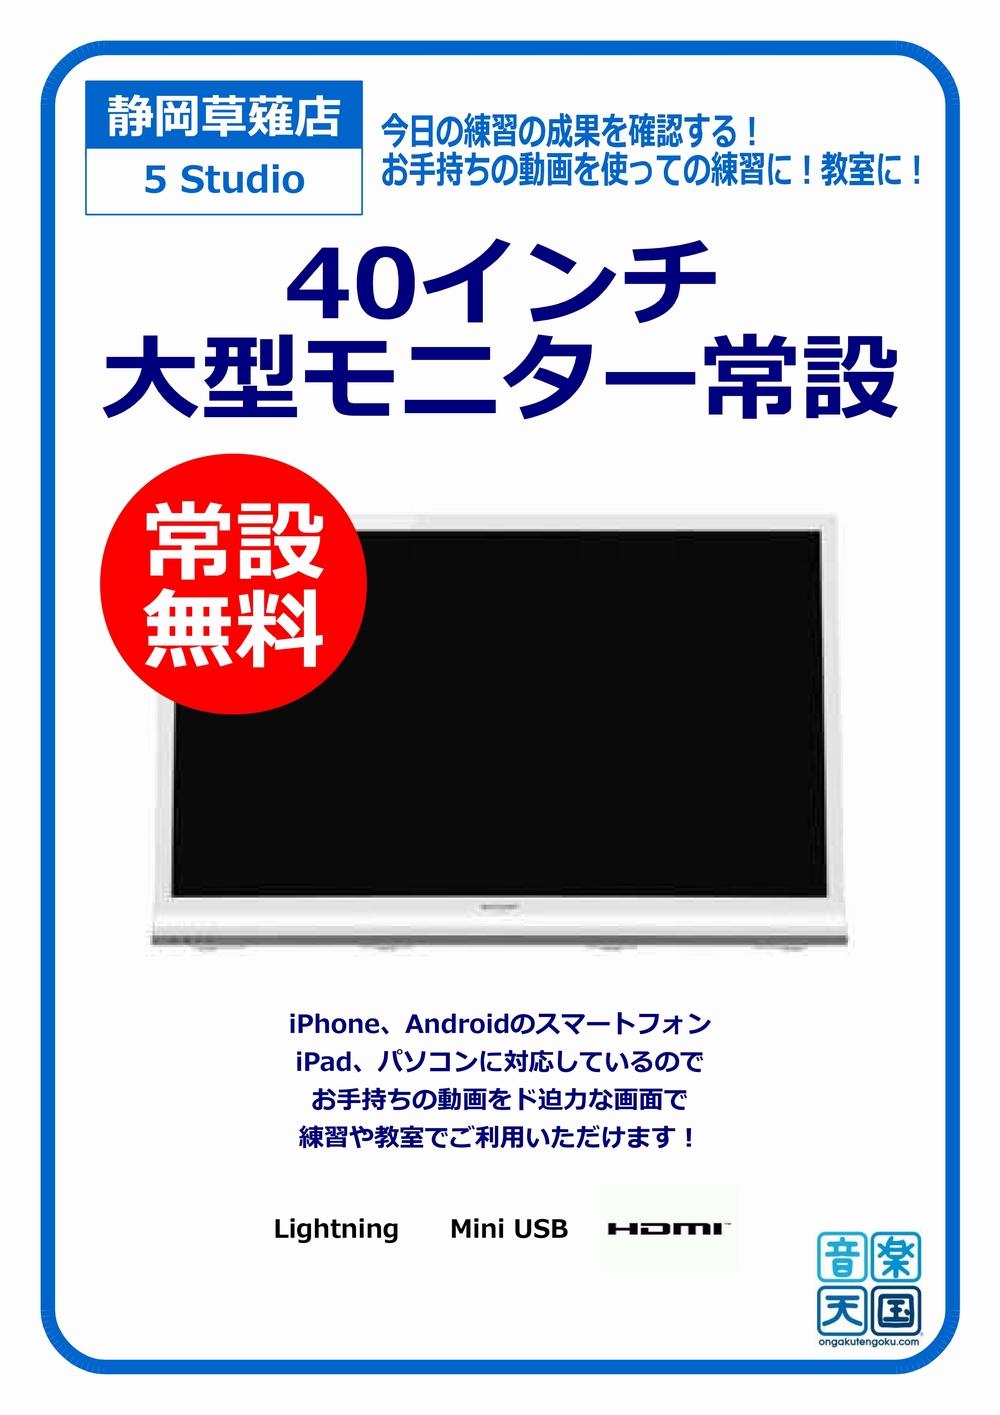 音楽天国・静岡草薙店5studioは大型モニター常設